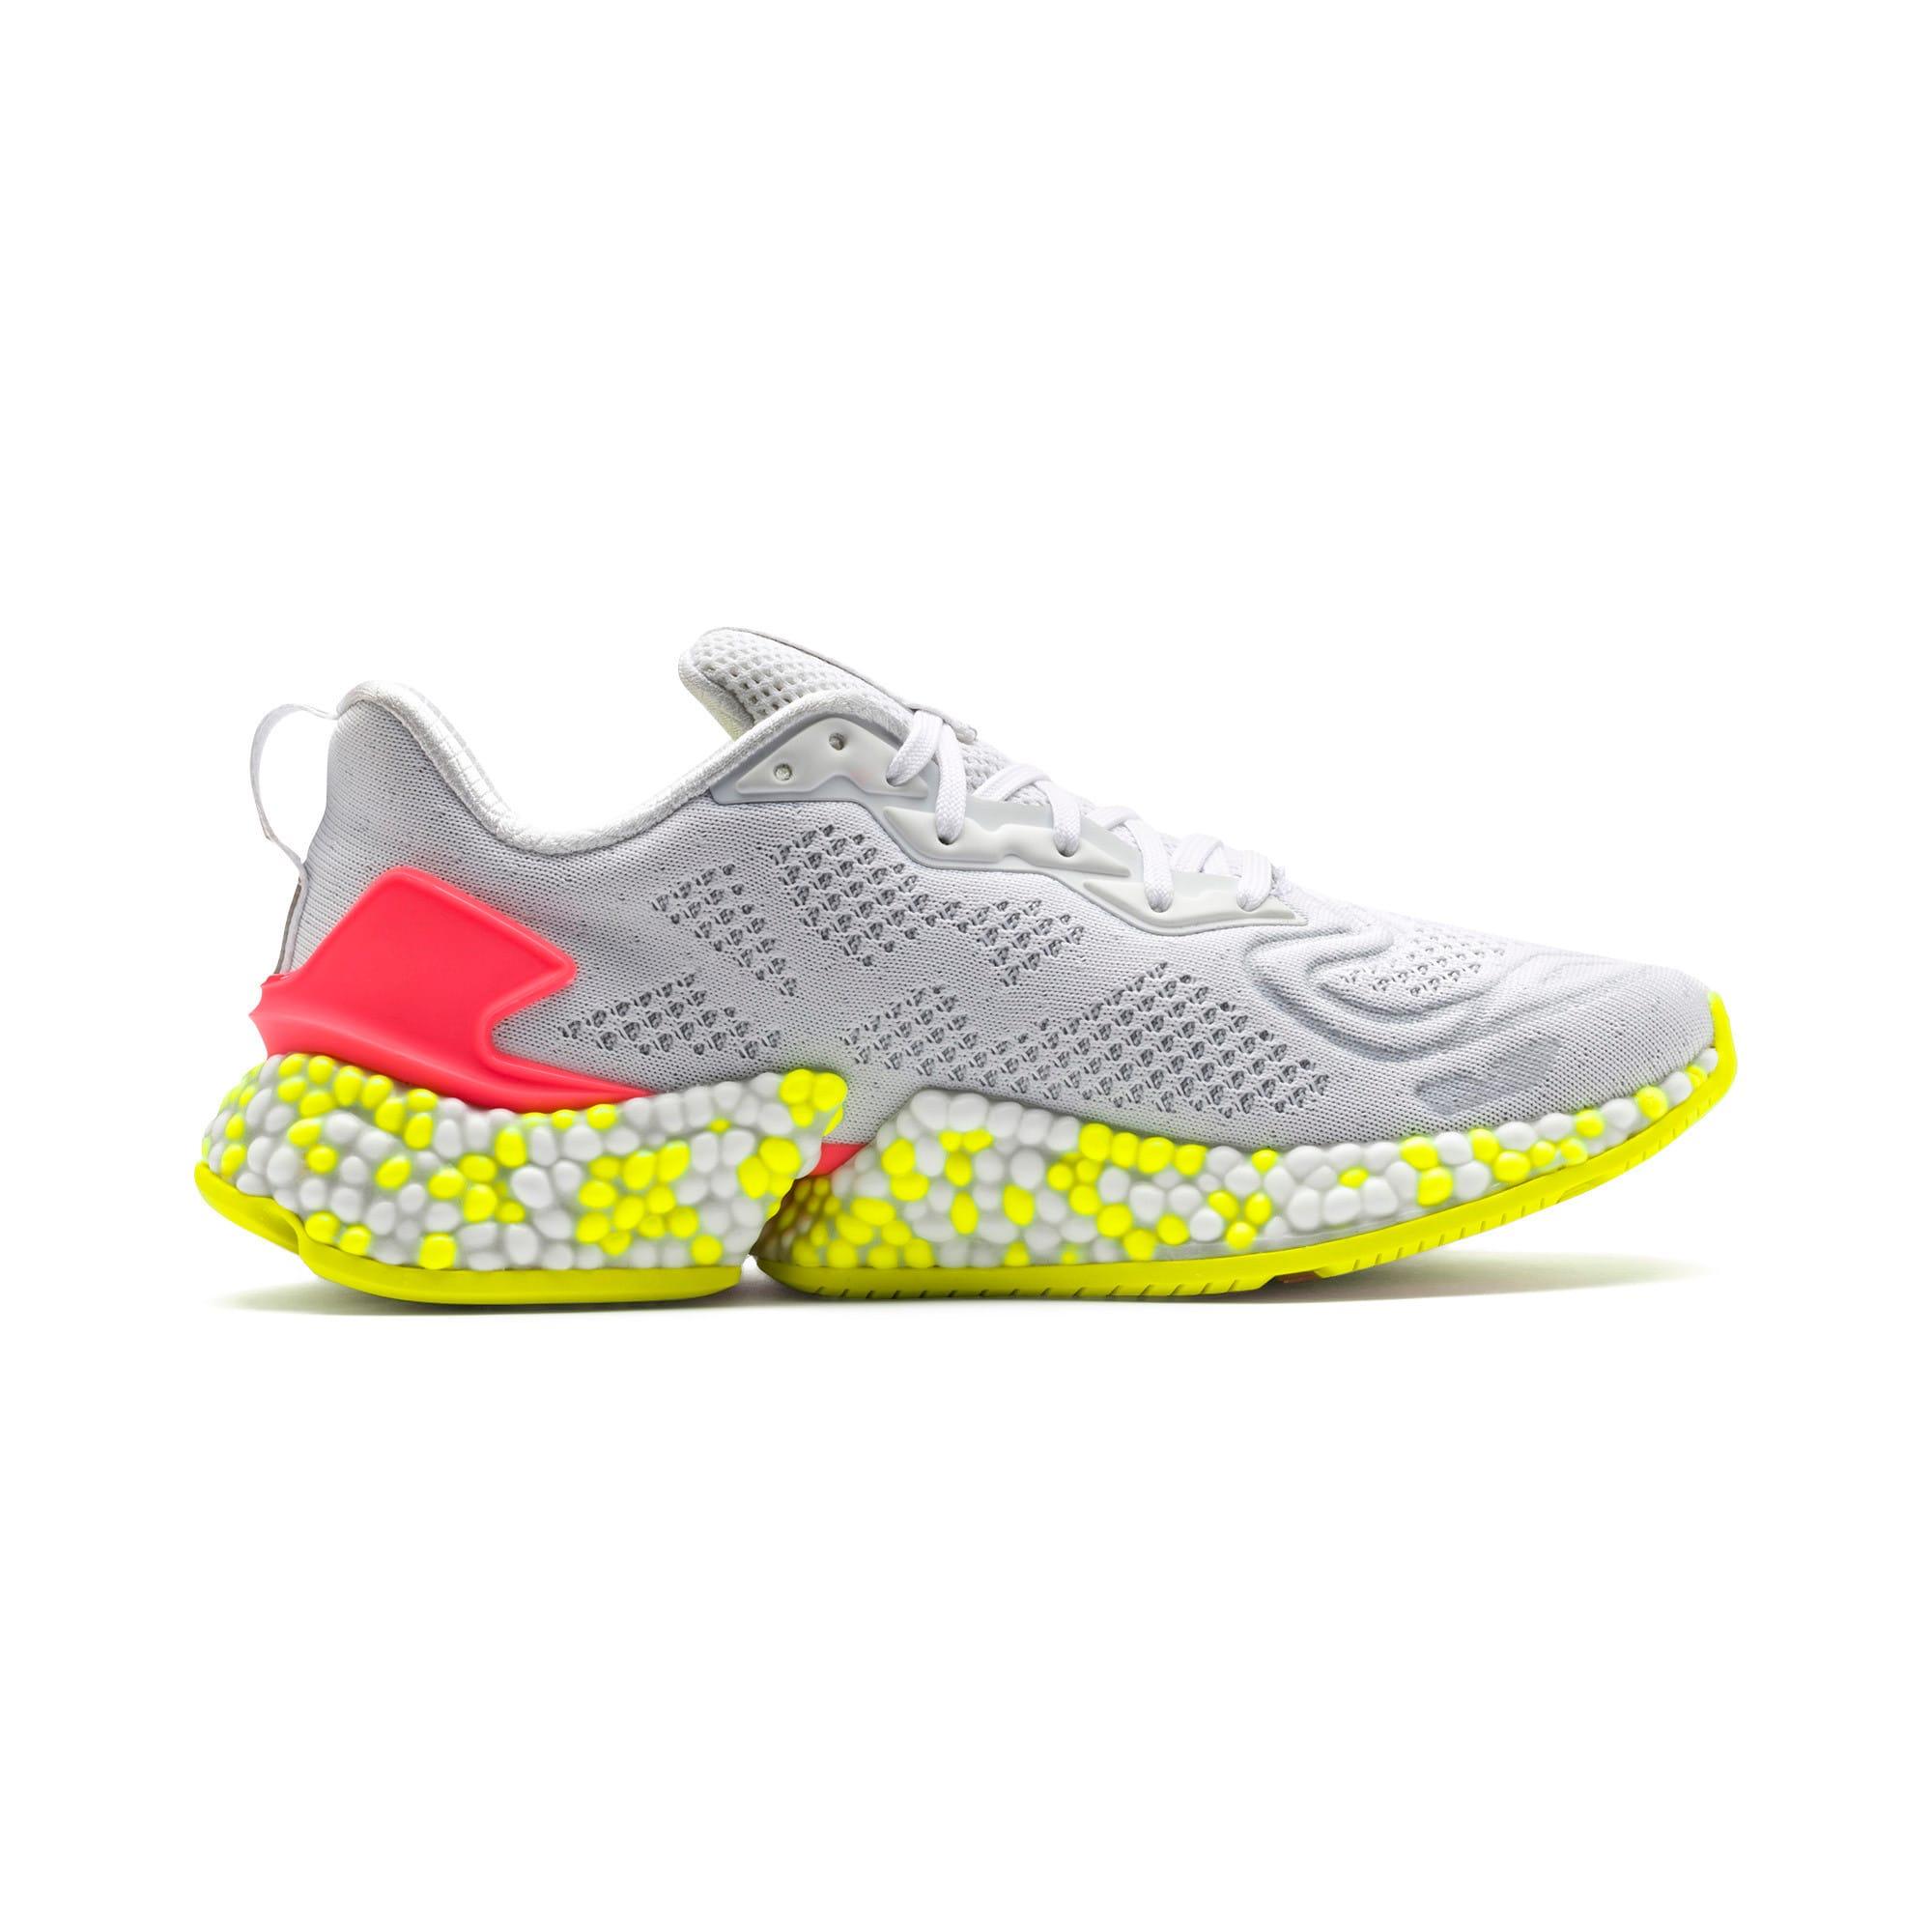 Thumbnail 6 of SPEED Orbiter Women's Running Shoes, Puma White-Yellow Alert, medium